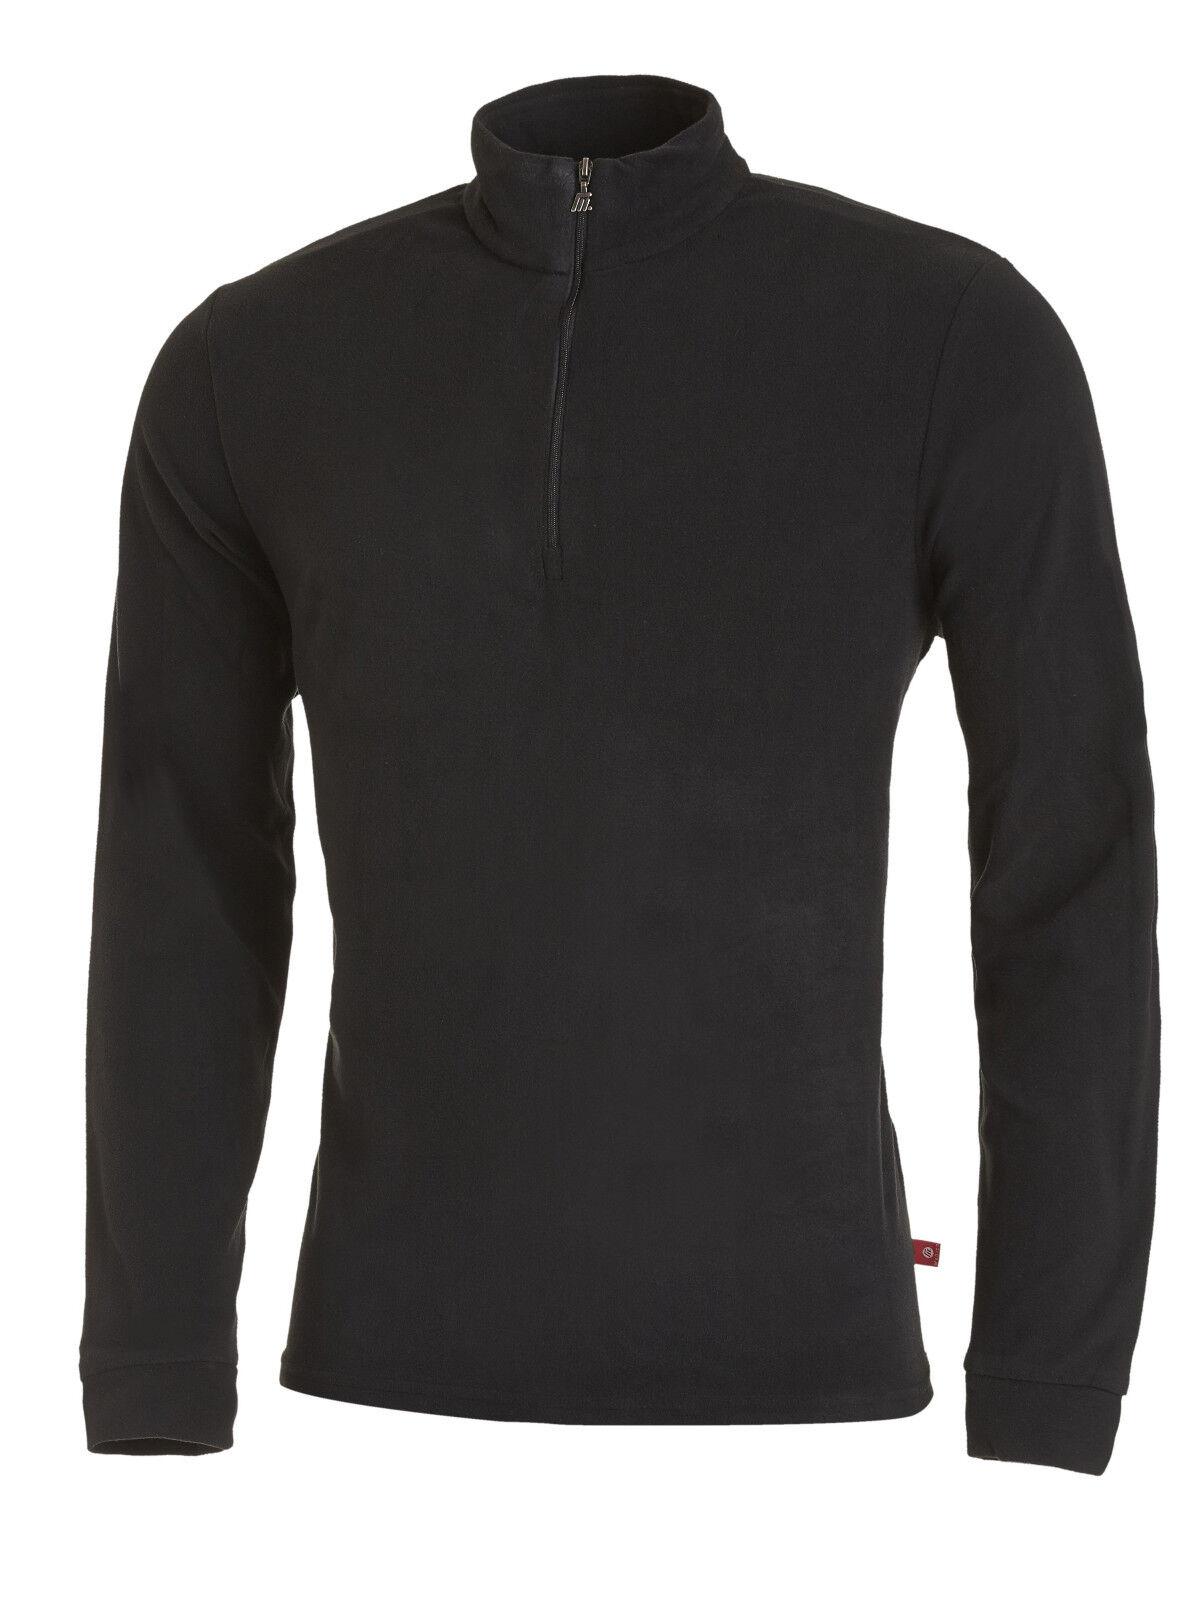 Medico Herren Ski Shirt Fleece Pullover Rolli langarm mit Zipper Schwarz